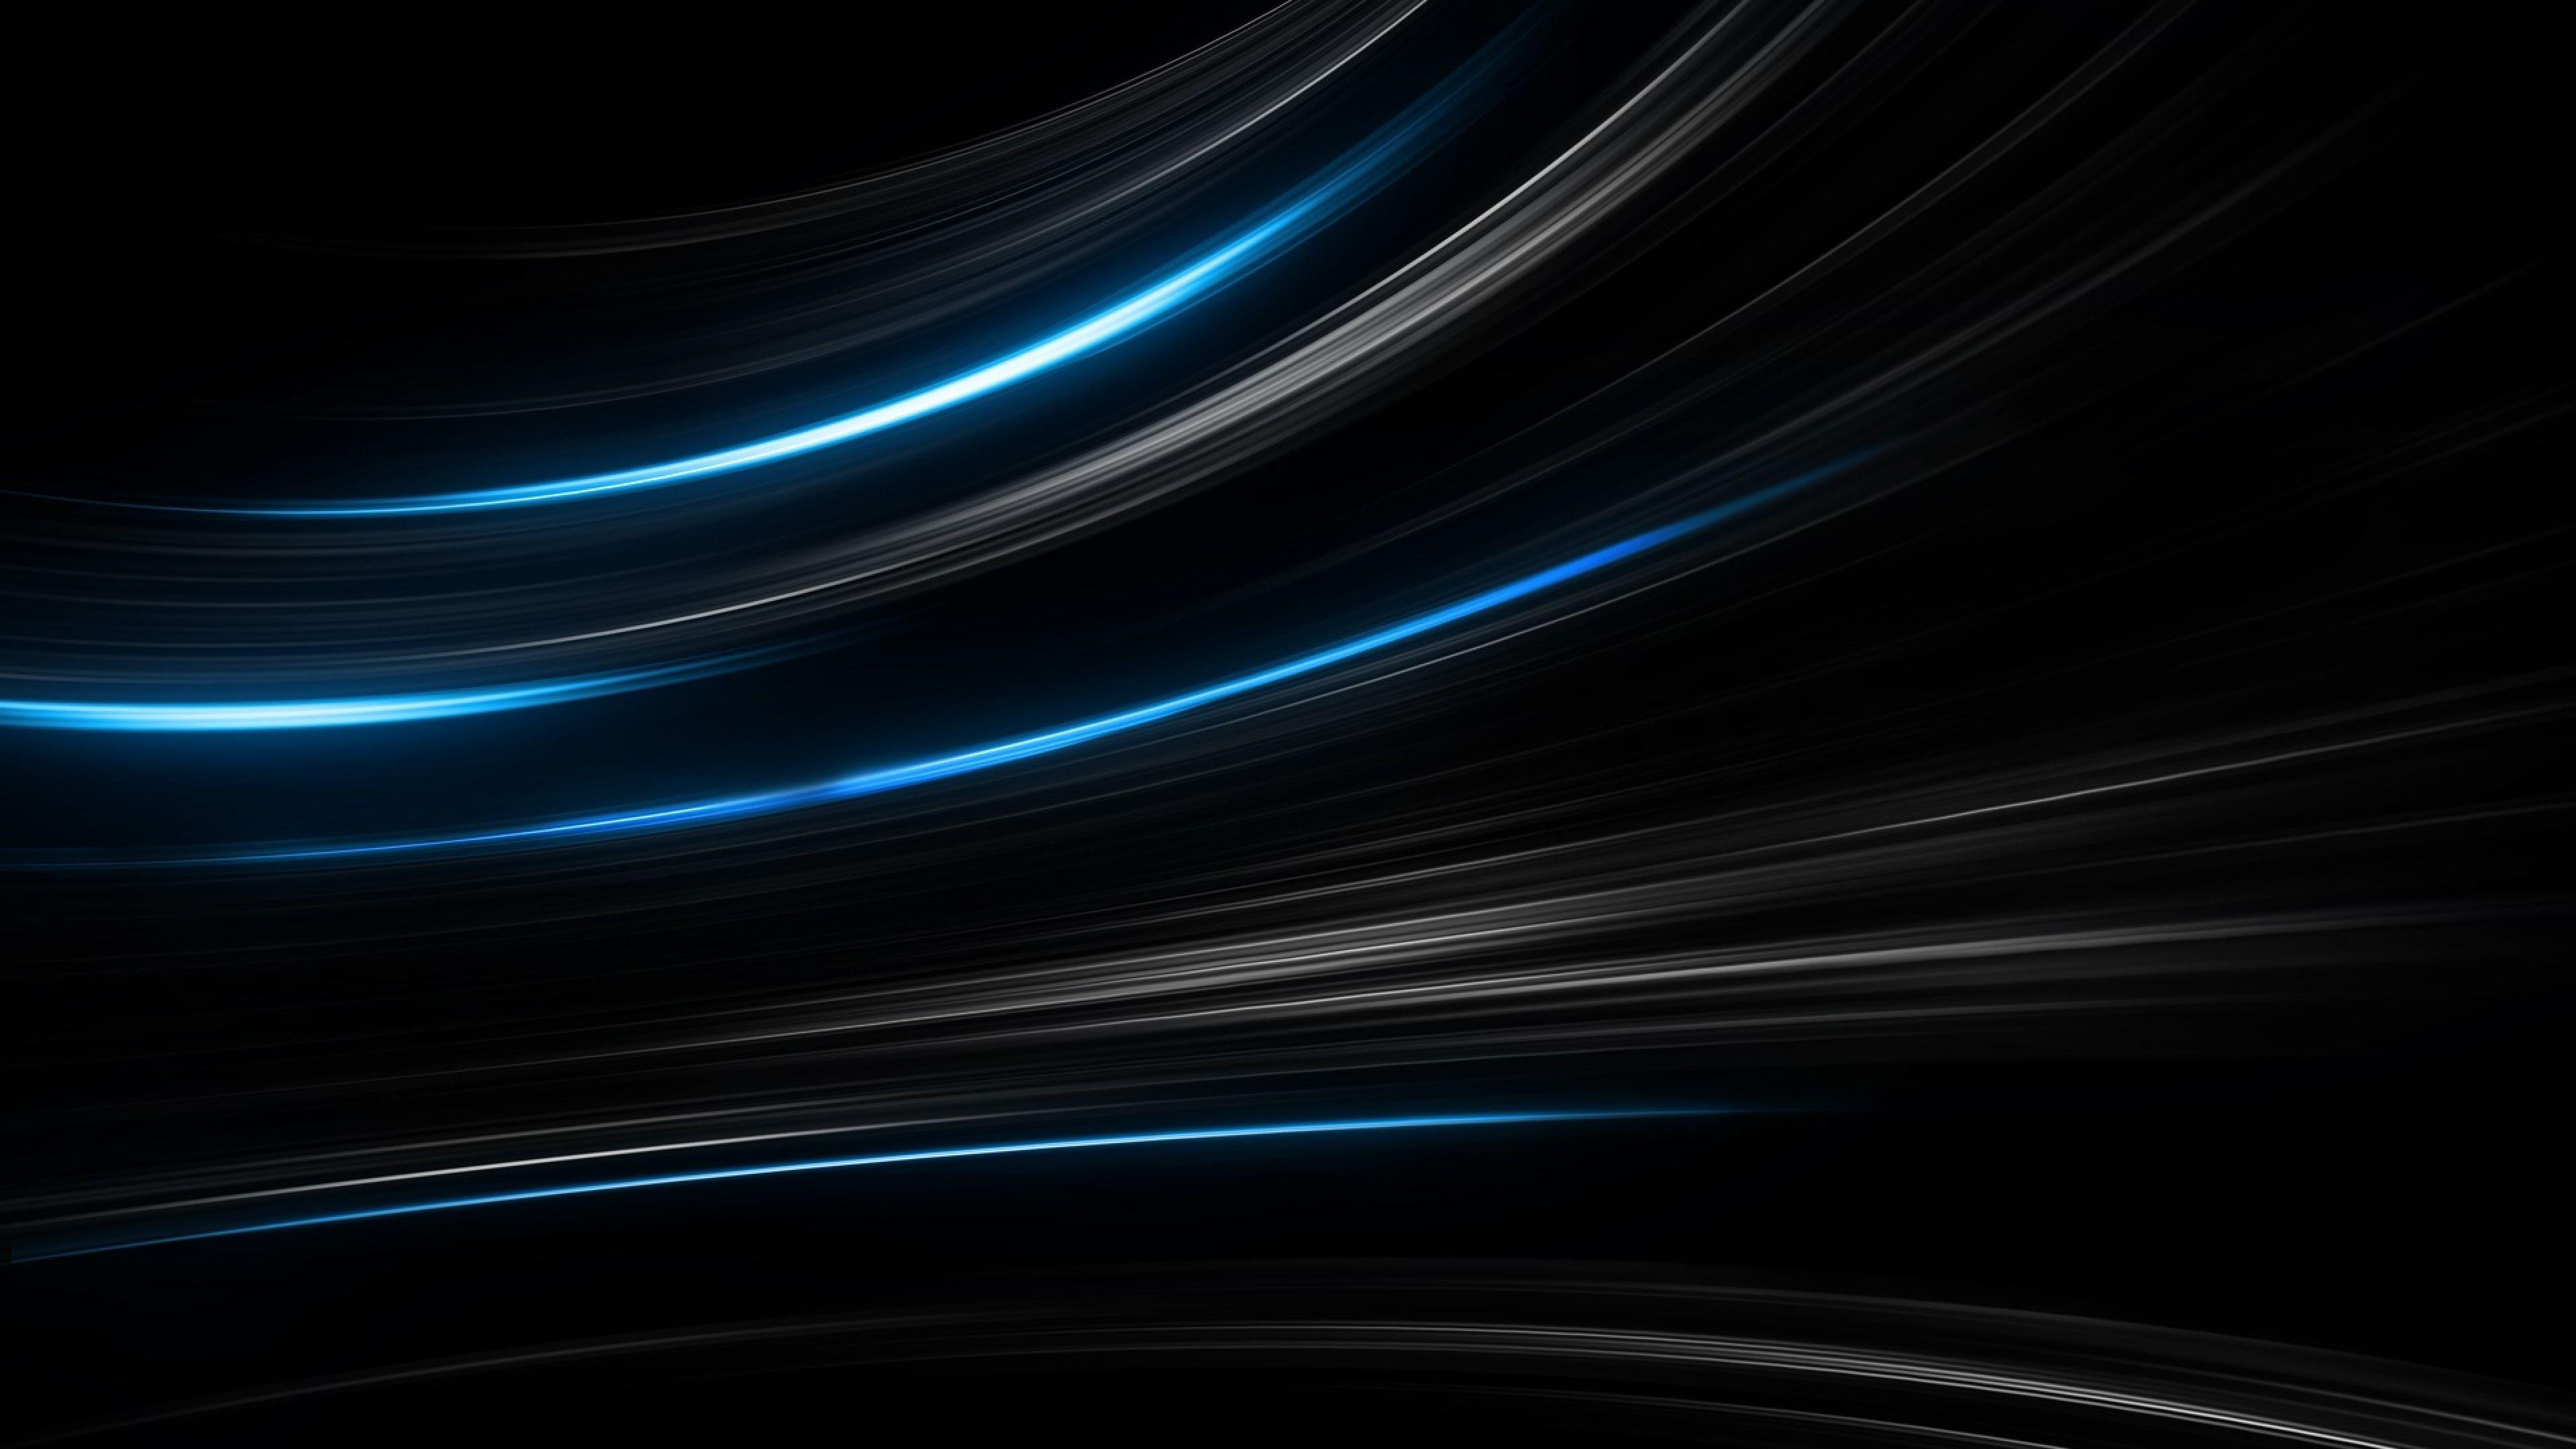 Wallpaper Lines Black Blue 4k Os 15378